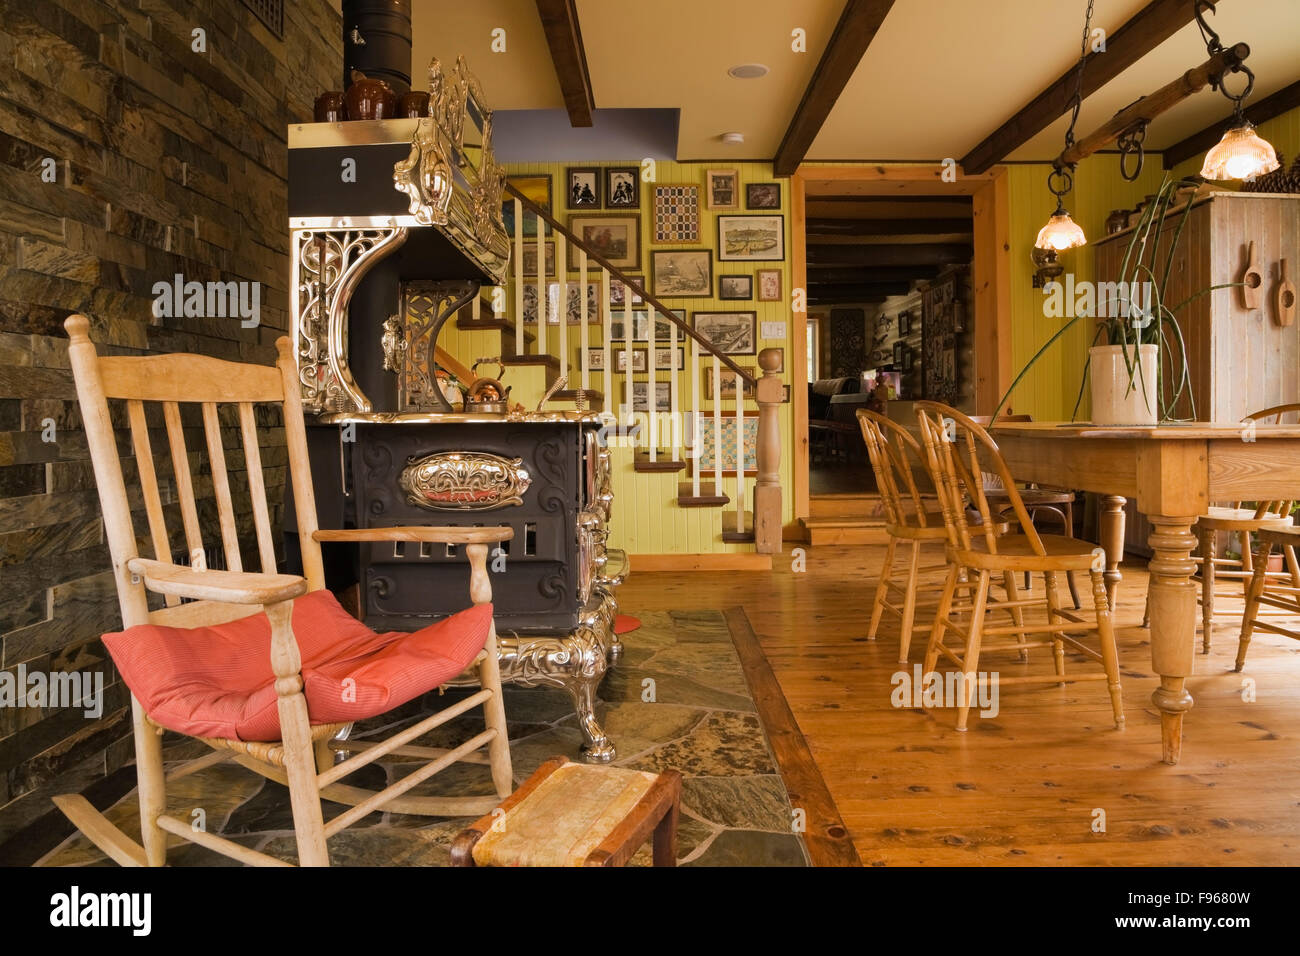 Alte Holz Schaukelstuhl Neben Einem Antiken Royal Modell Holz Küche Herd Im  Esszimmer Im Landhausstil Cottage